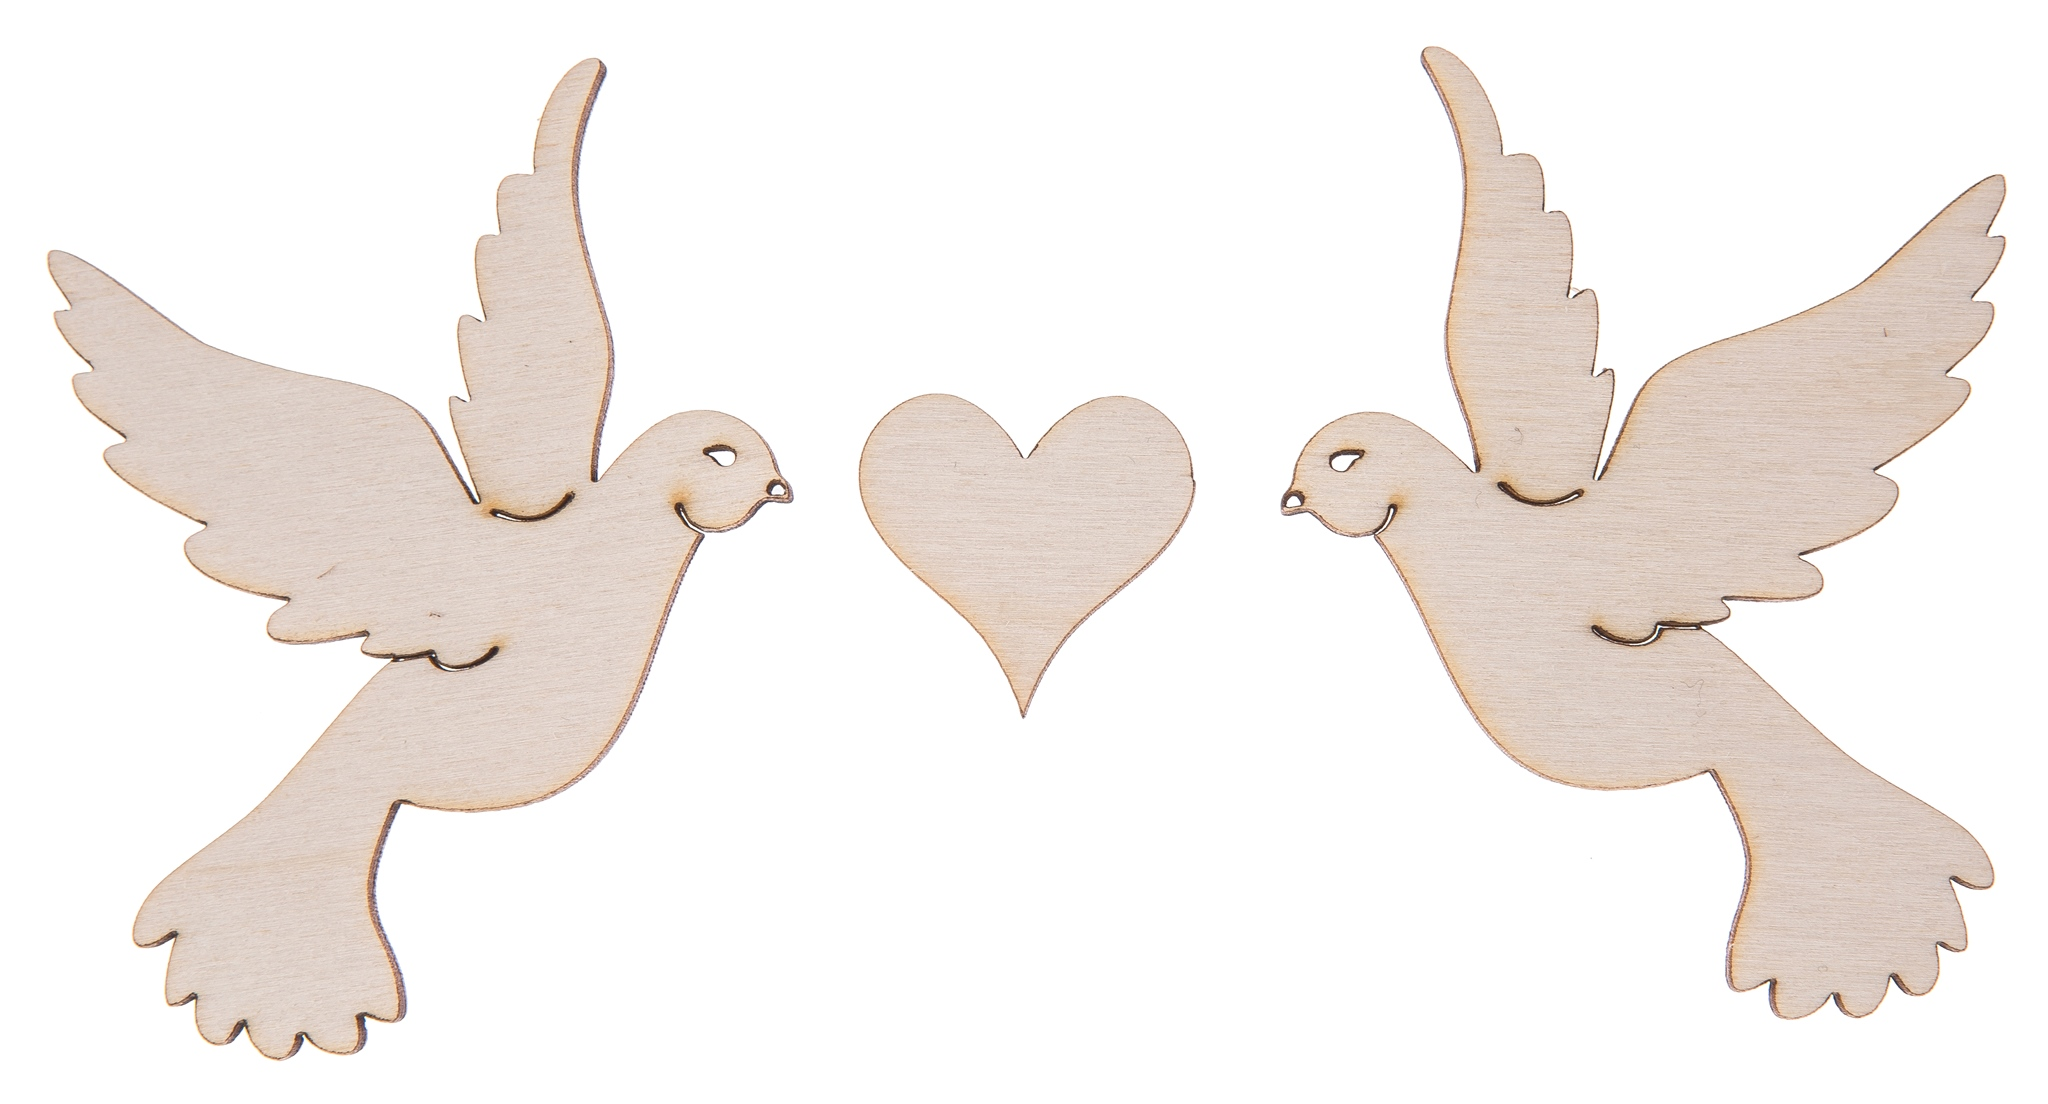 прям свадебные птицы картинки музыкальное образование